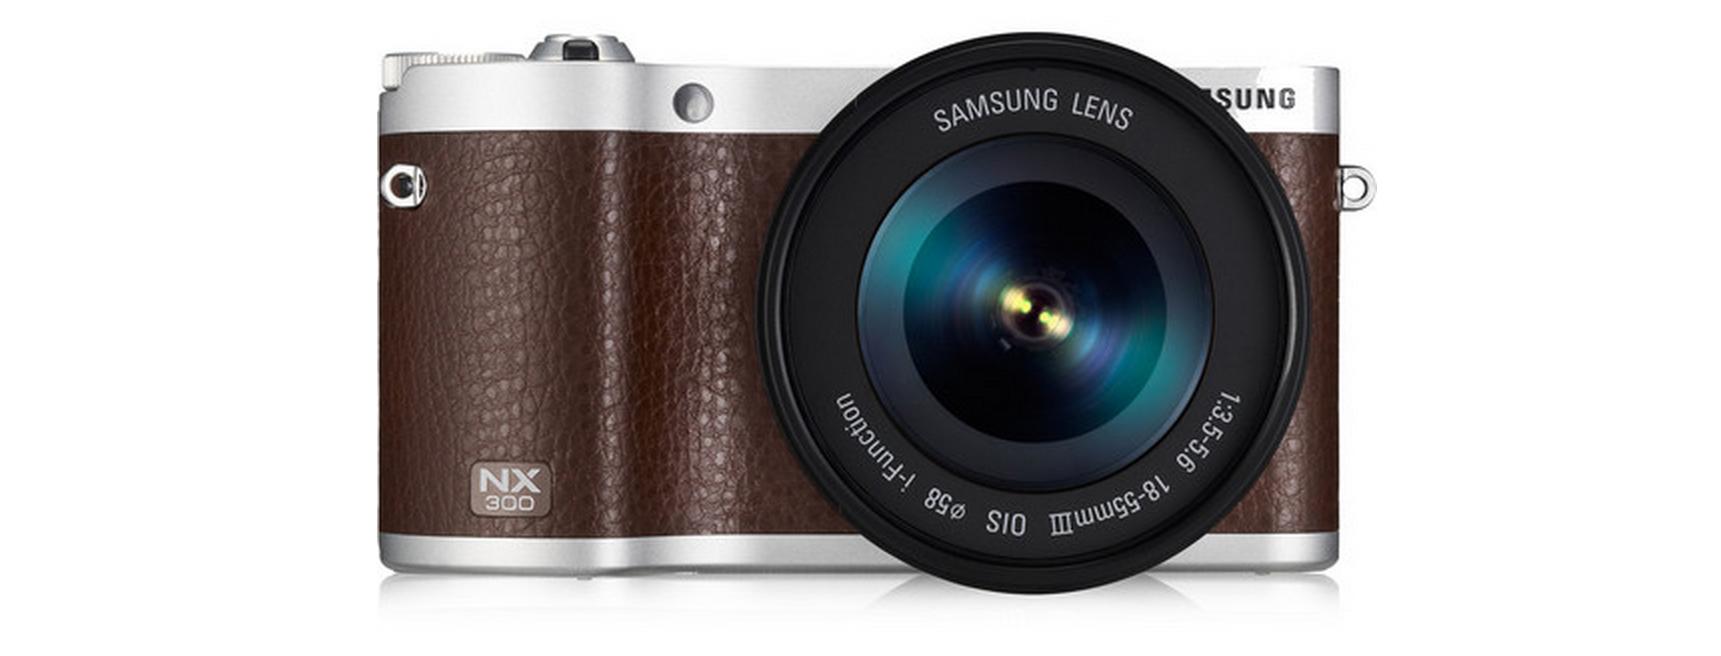 Samsung NX-300